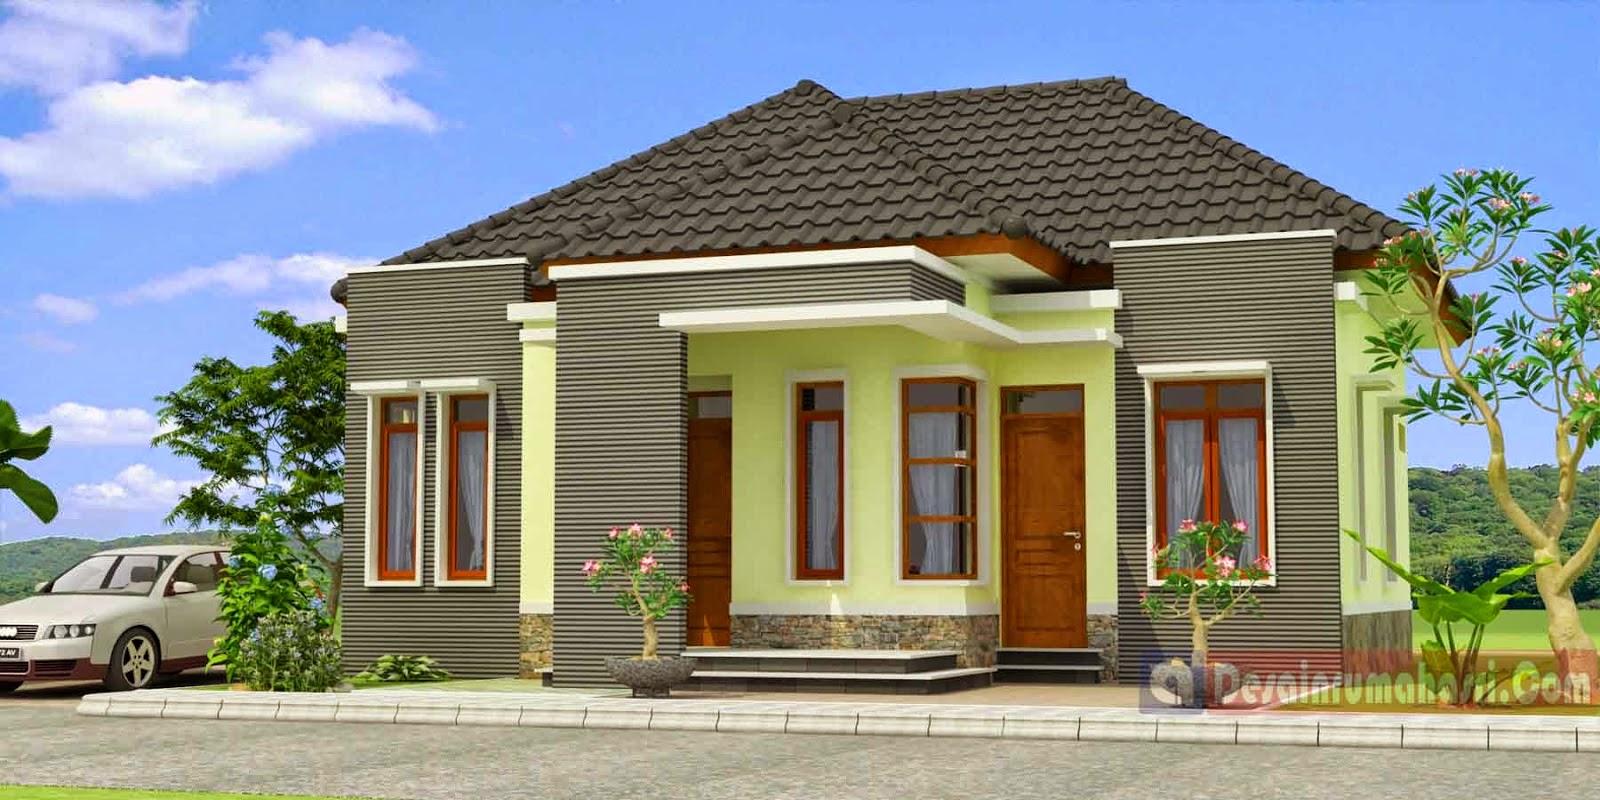 66 Gambar Rumah Minimalis Pensil HD